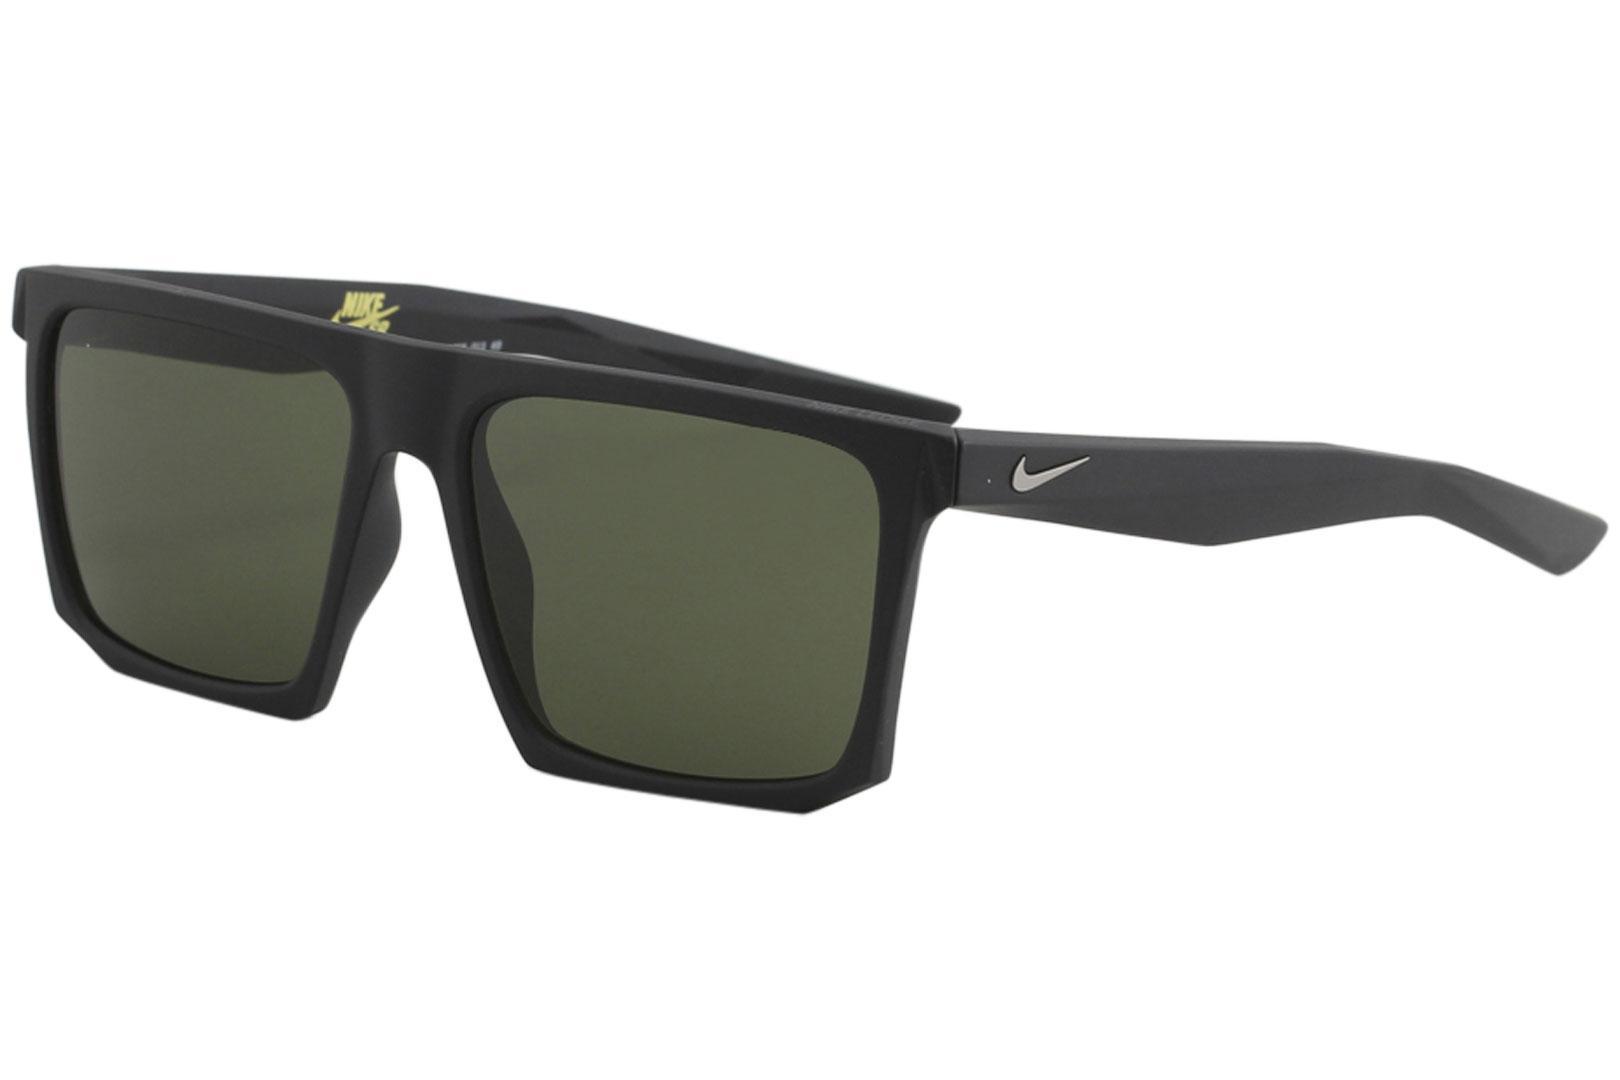 Image of Nike SB Men's Ledge EV1058 EV/1058 Sport Square Sunglasses - Matte Black Gunmetal/Green   013 - Lens 56 Bridge 16 Temple 145mm